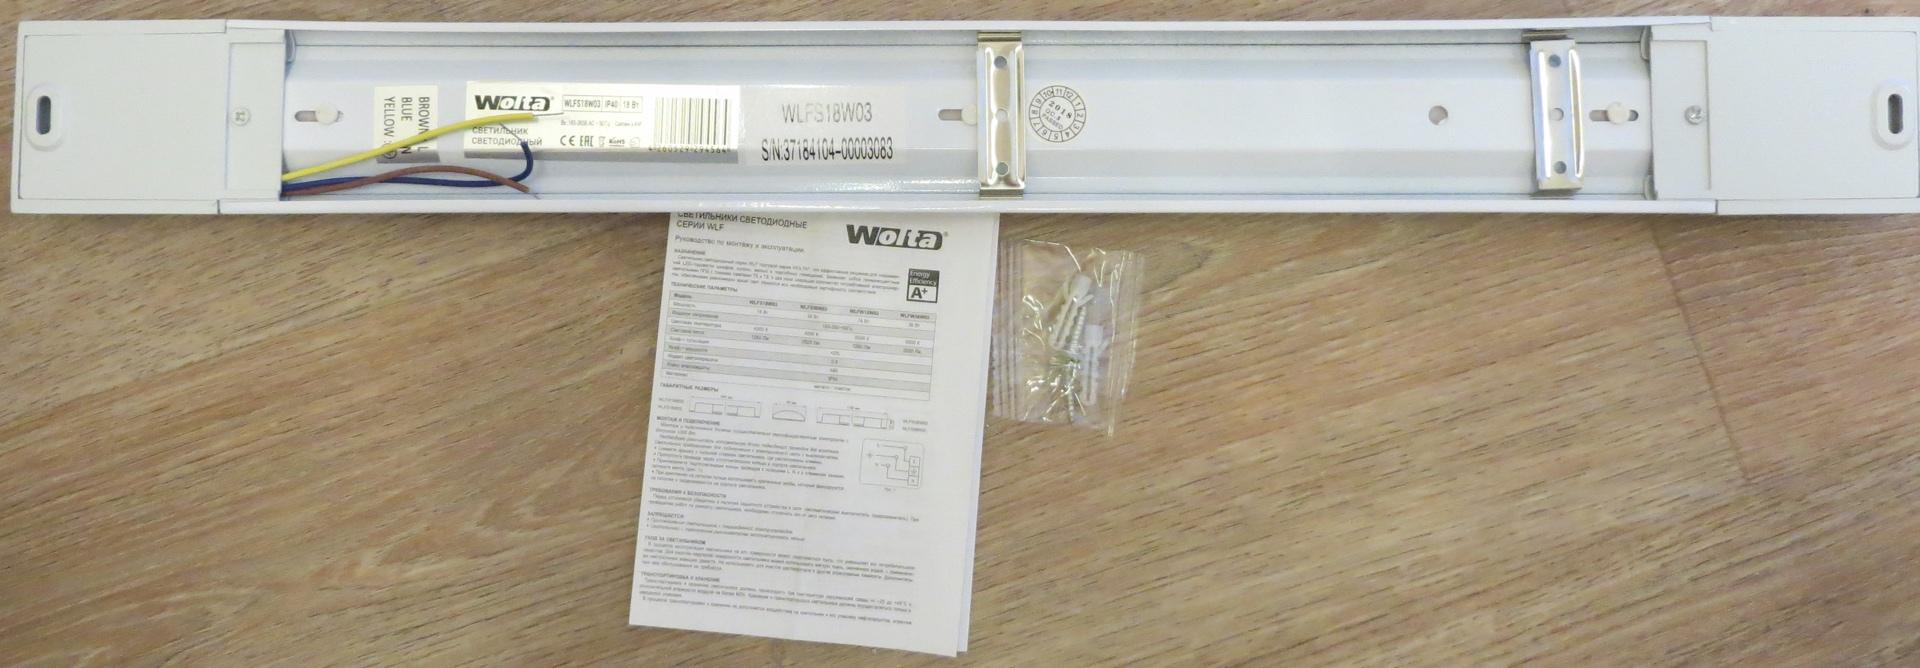 WoltaWLFS1803